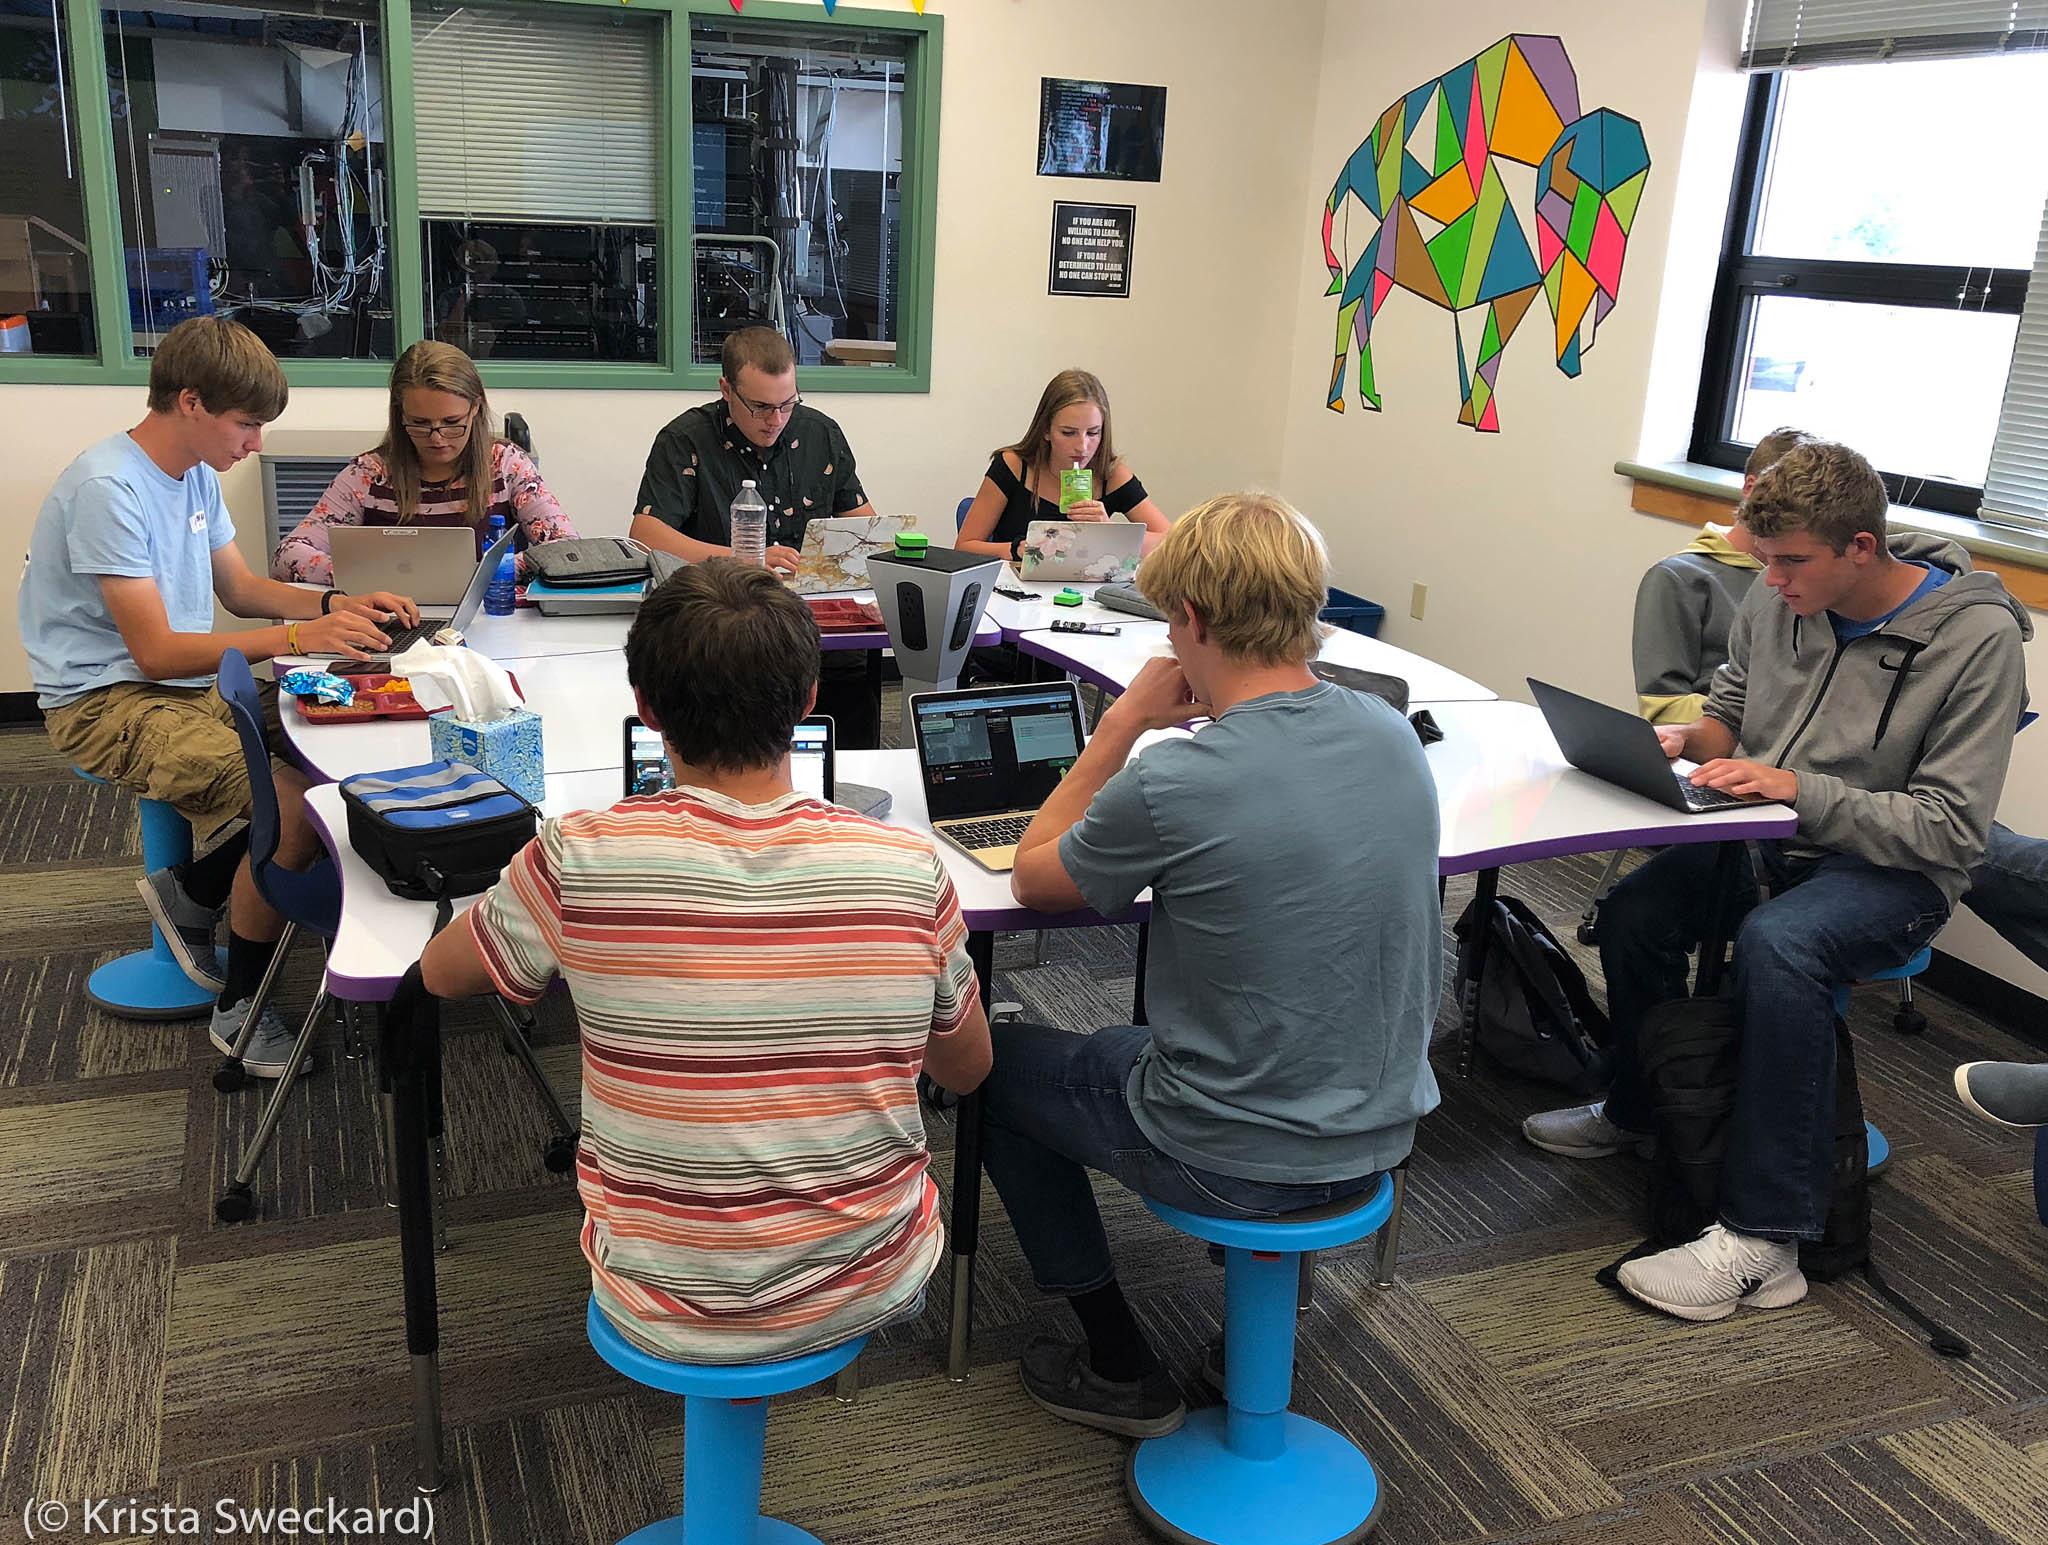 Buffalo High School Code Club lunch meeting (© Krista Sweckard)